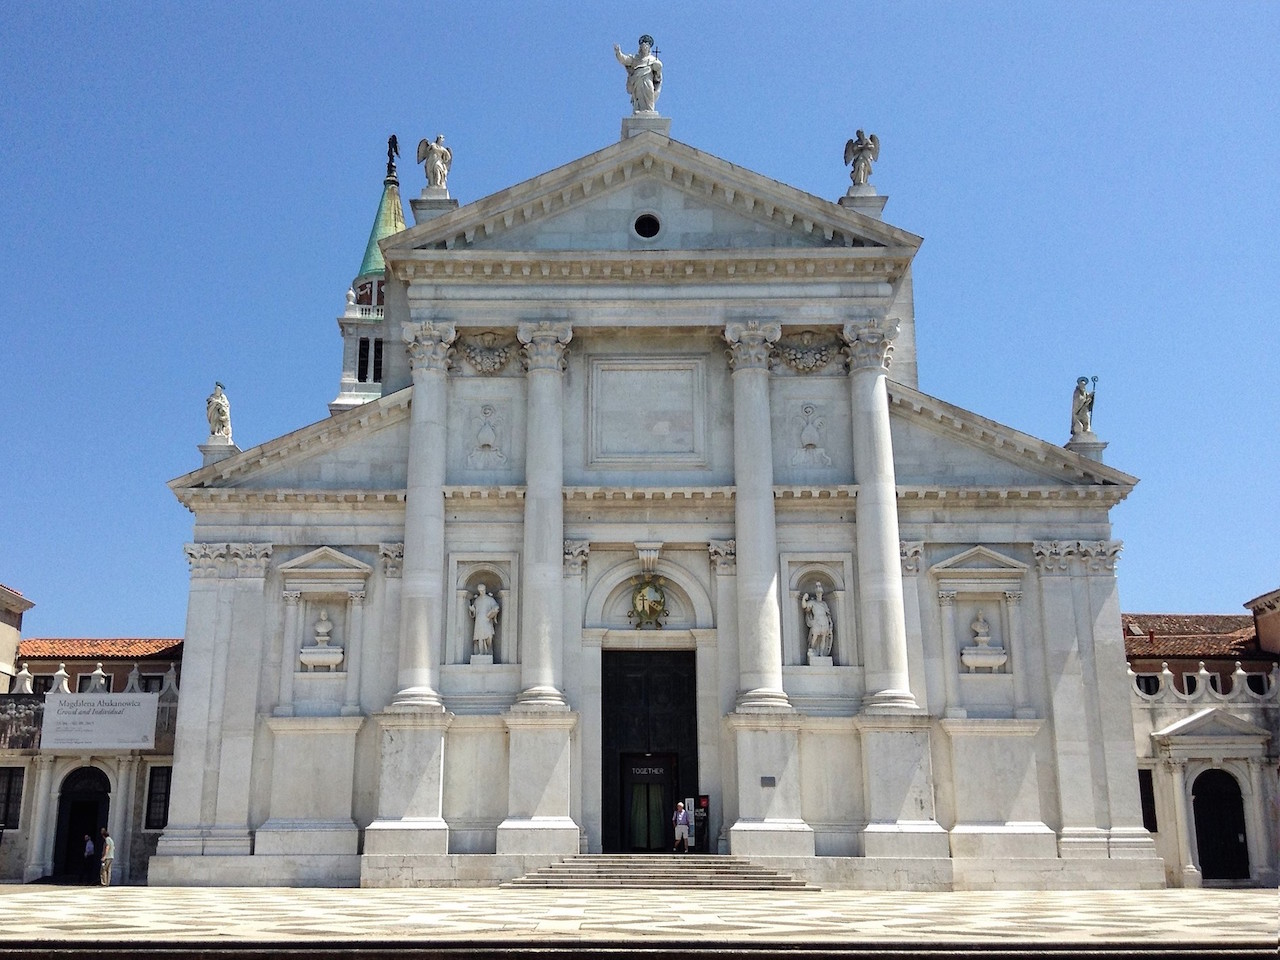 ヴェネチアの孤島、サン・ジョルジョ・マッジョーレ島の鐘楼